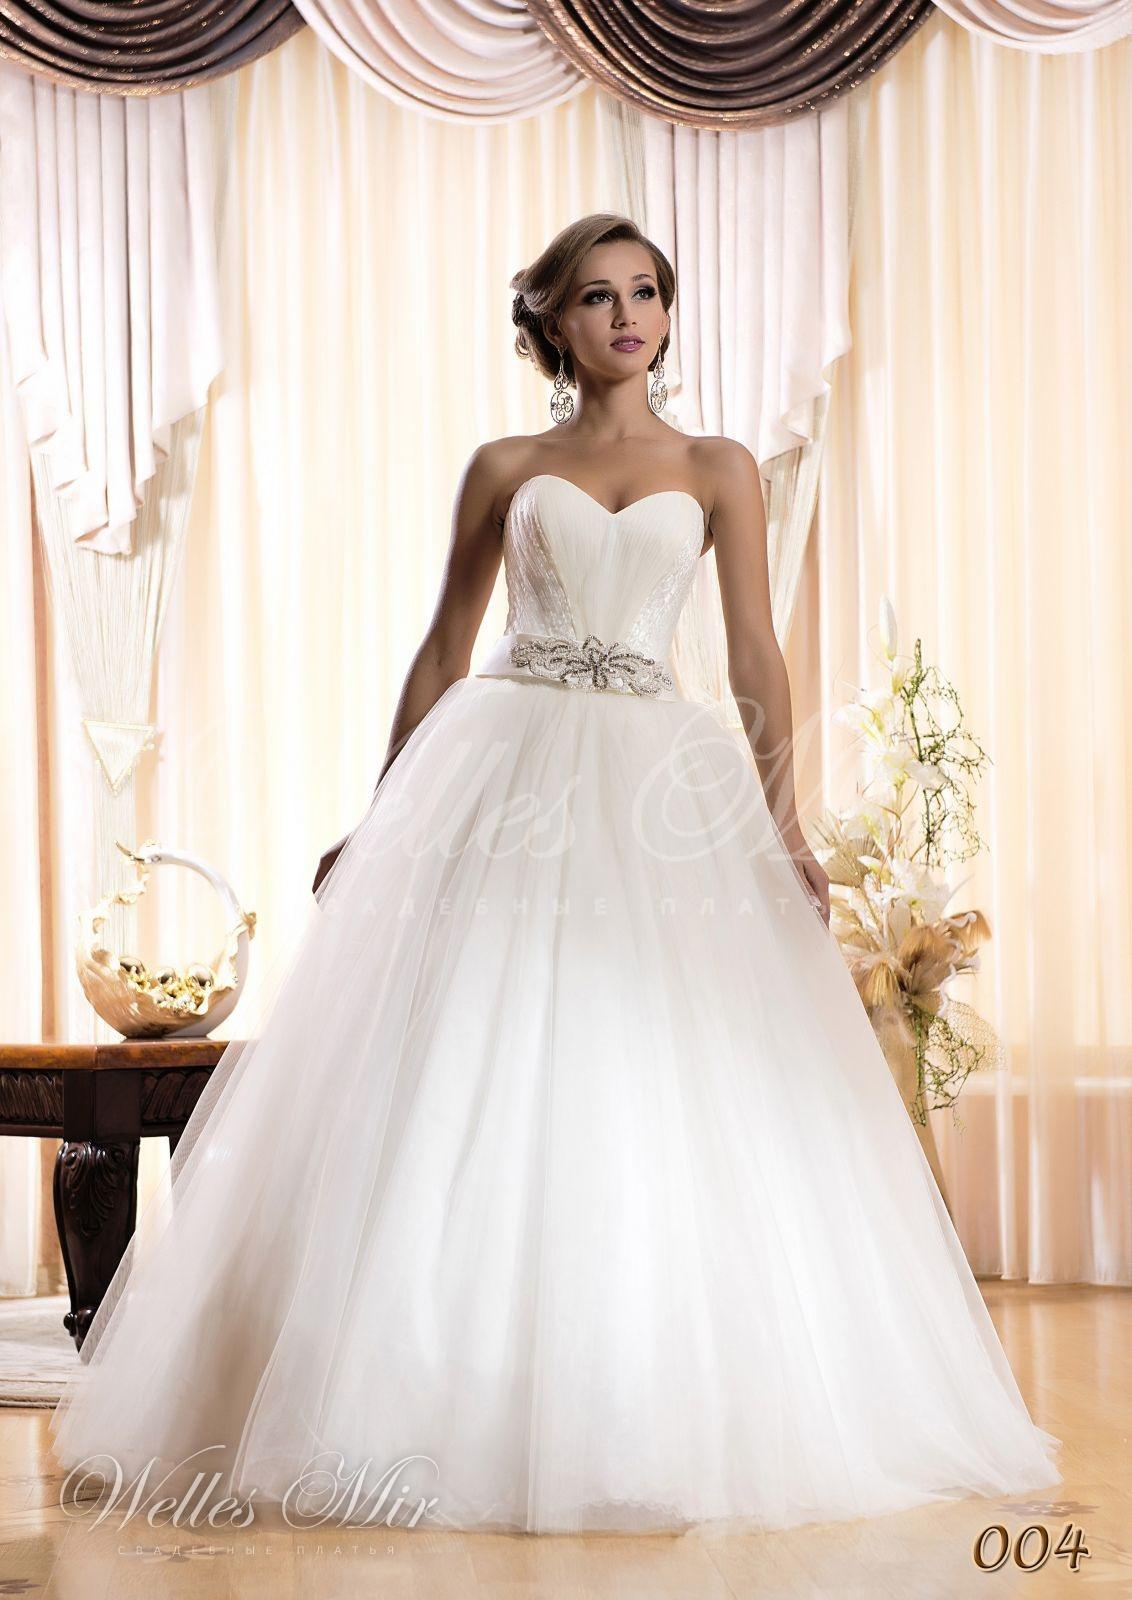 Свадебные платья Romantic Dream - 004